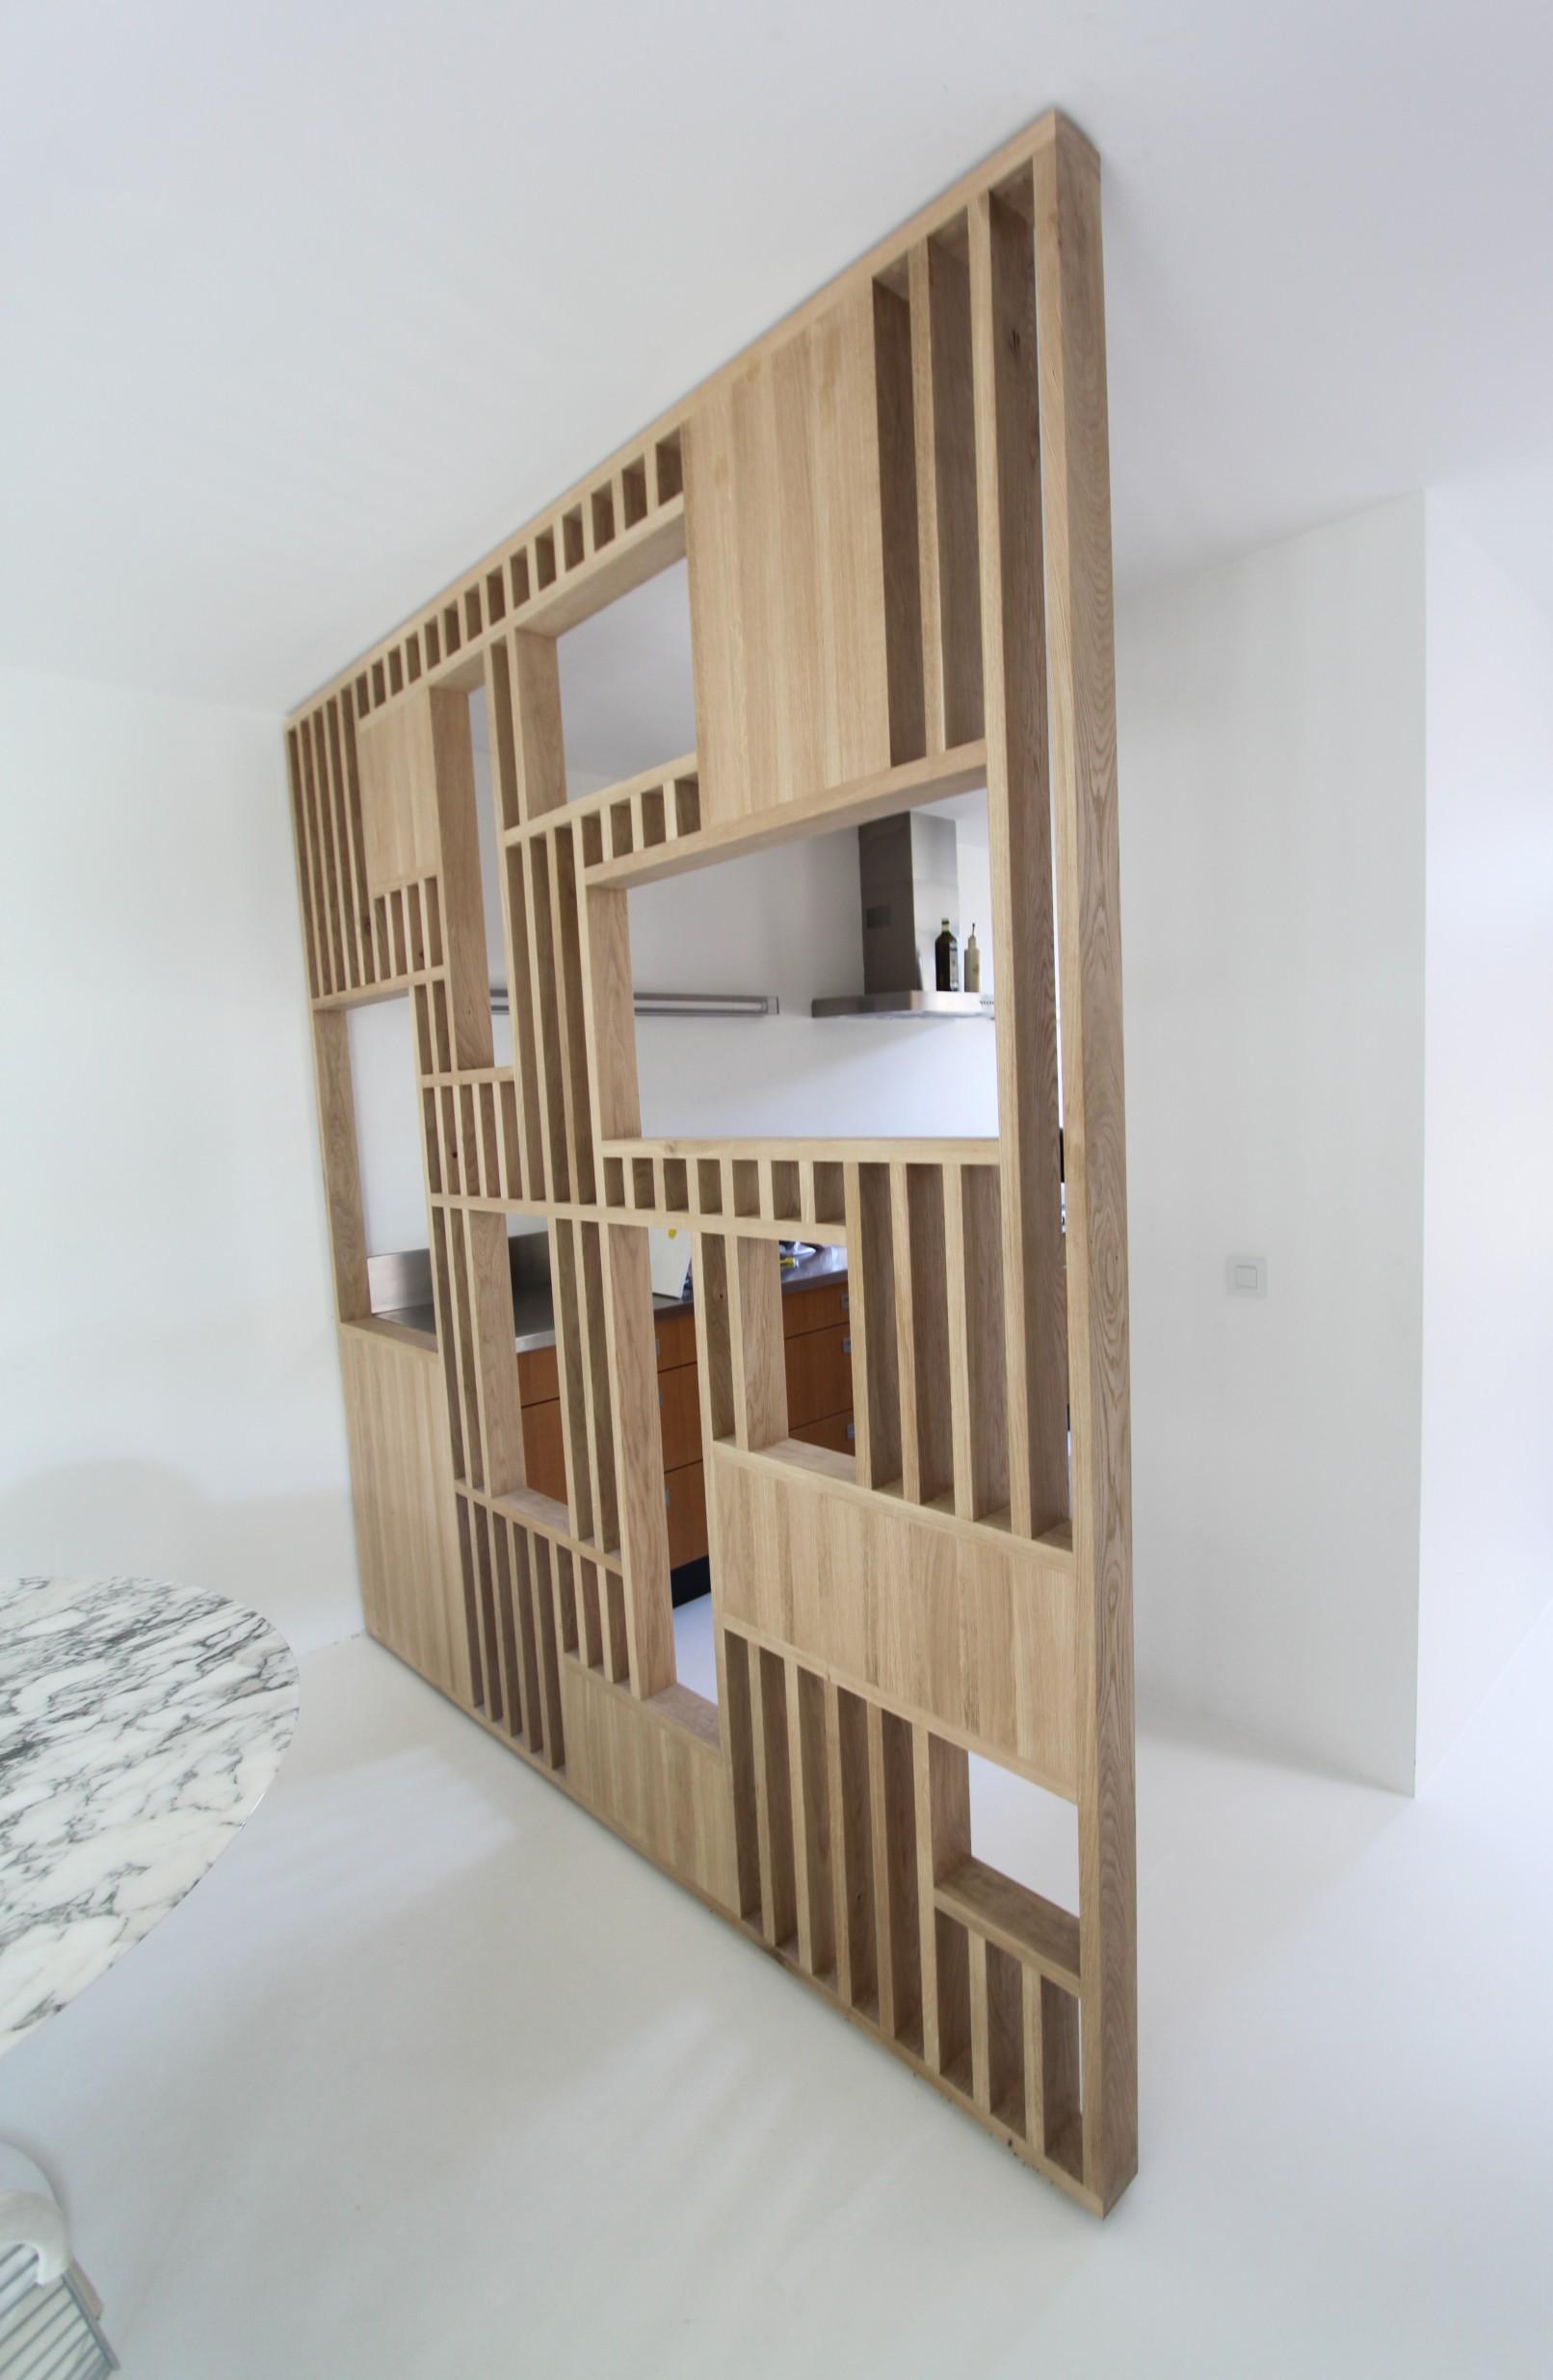 Interieur Ideeen Woonkamer Koloniaal.Op Maat Gemaakte Roomdivider Tussen Keuken En Woonkamer